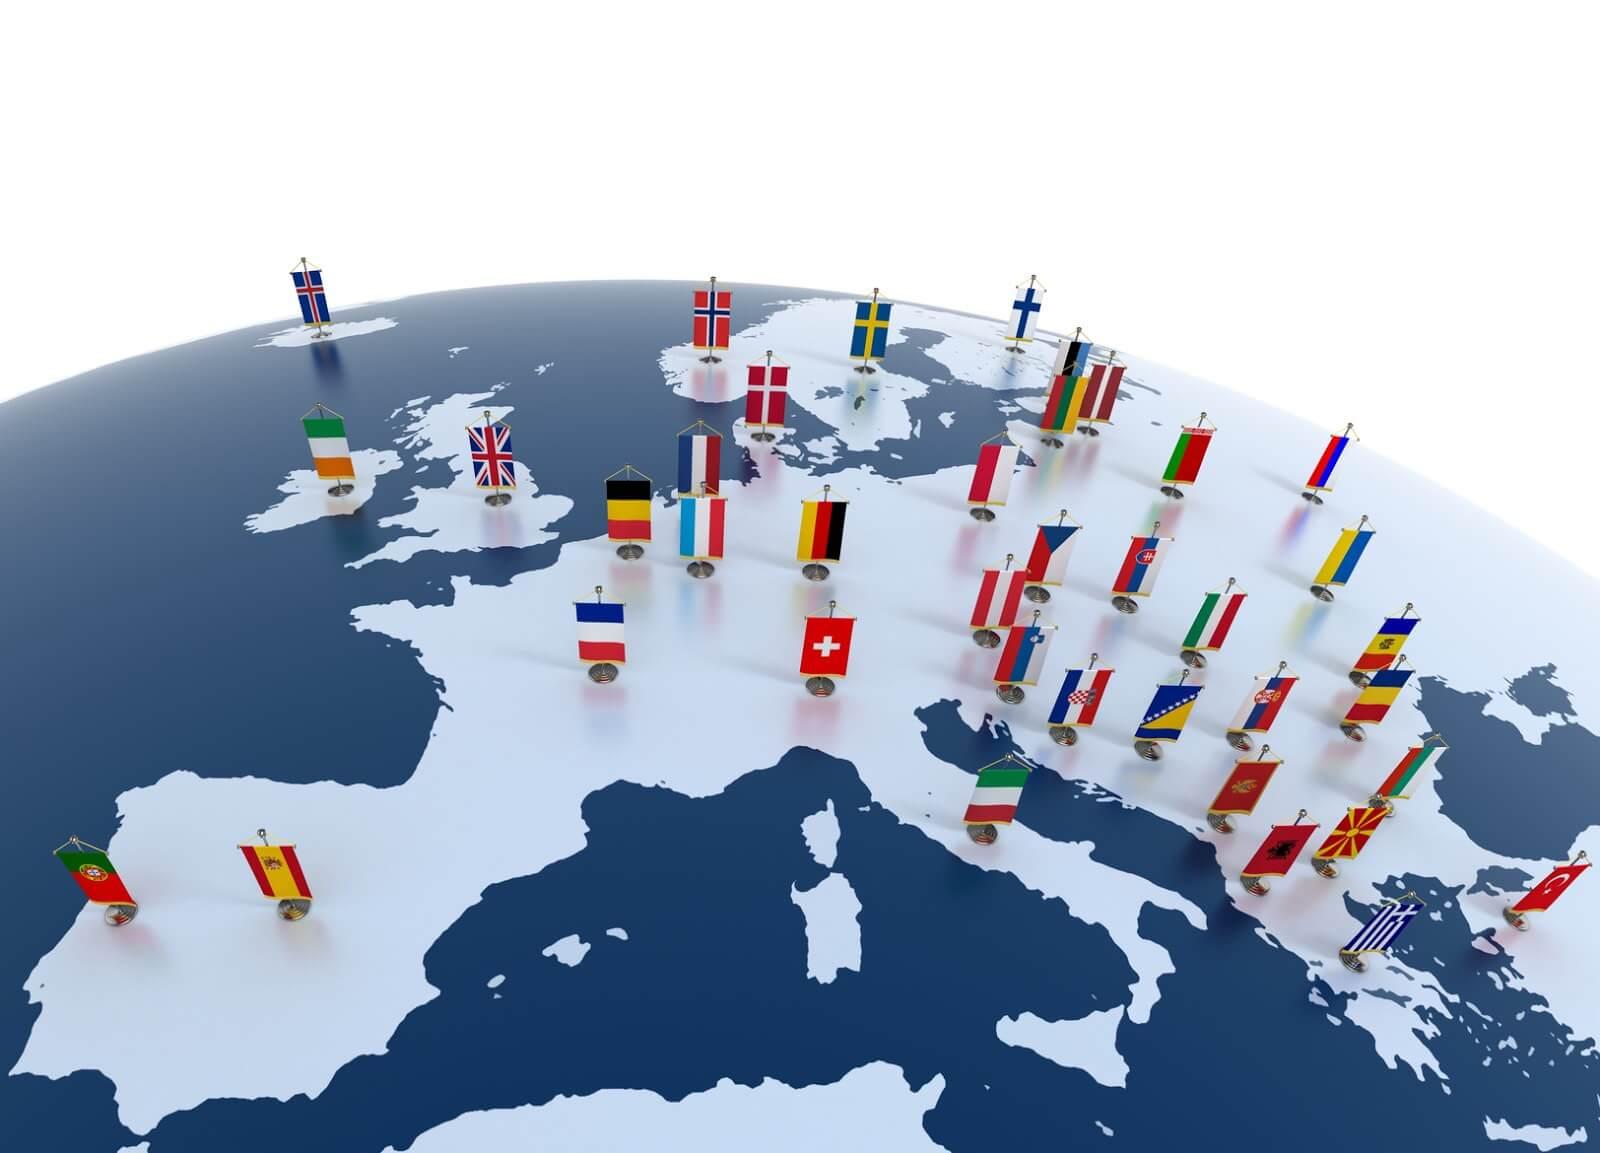 Strategia farmaceutica europea. Durante la pandemia si sono evidenziati problemi strutturali, soprattutto per i generici